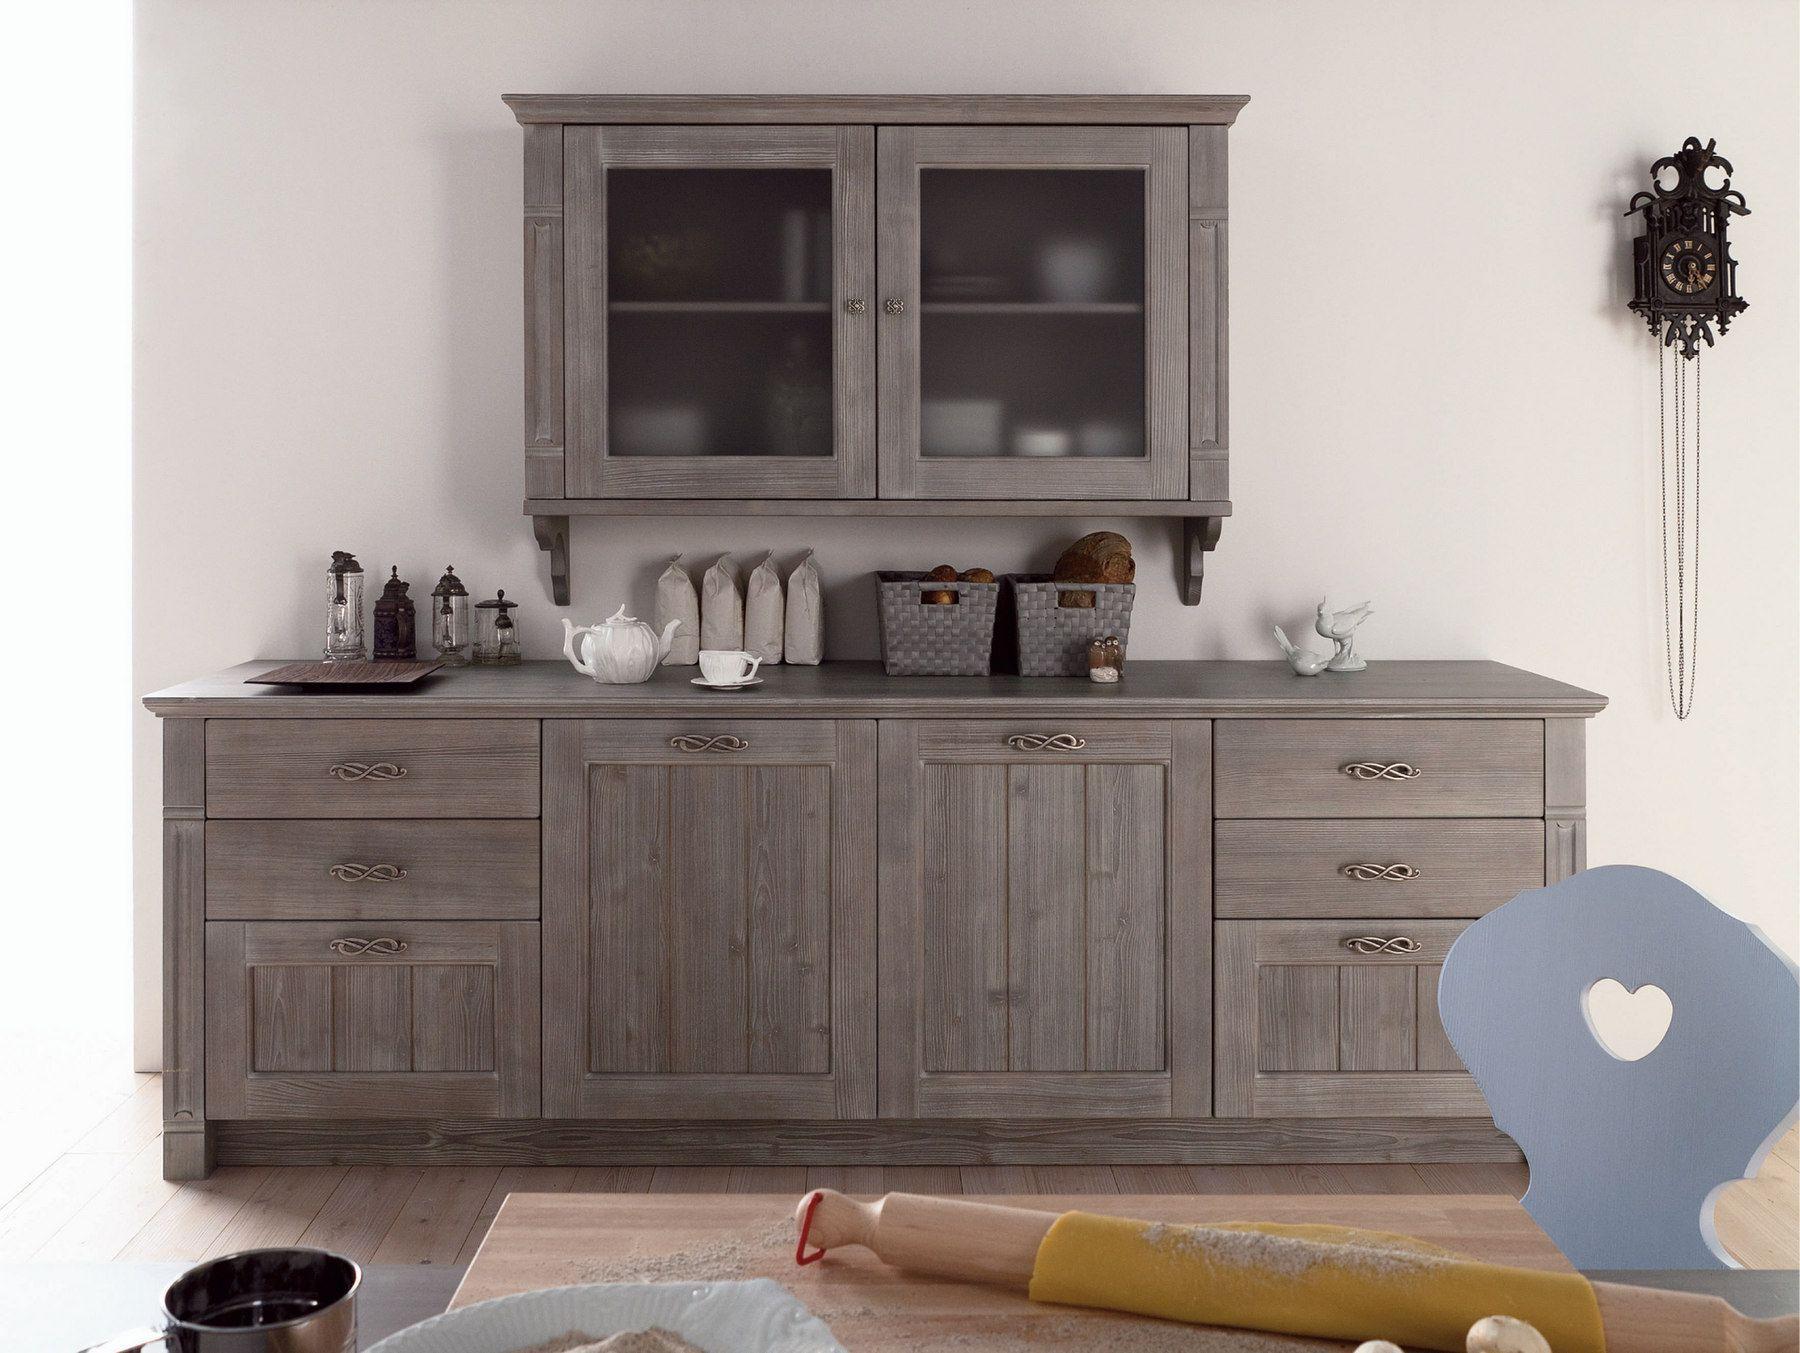 Arredamento bagno stile rustico : mobili da bagno stile rustico ...